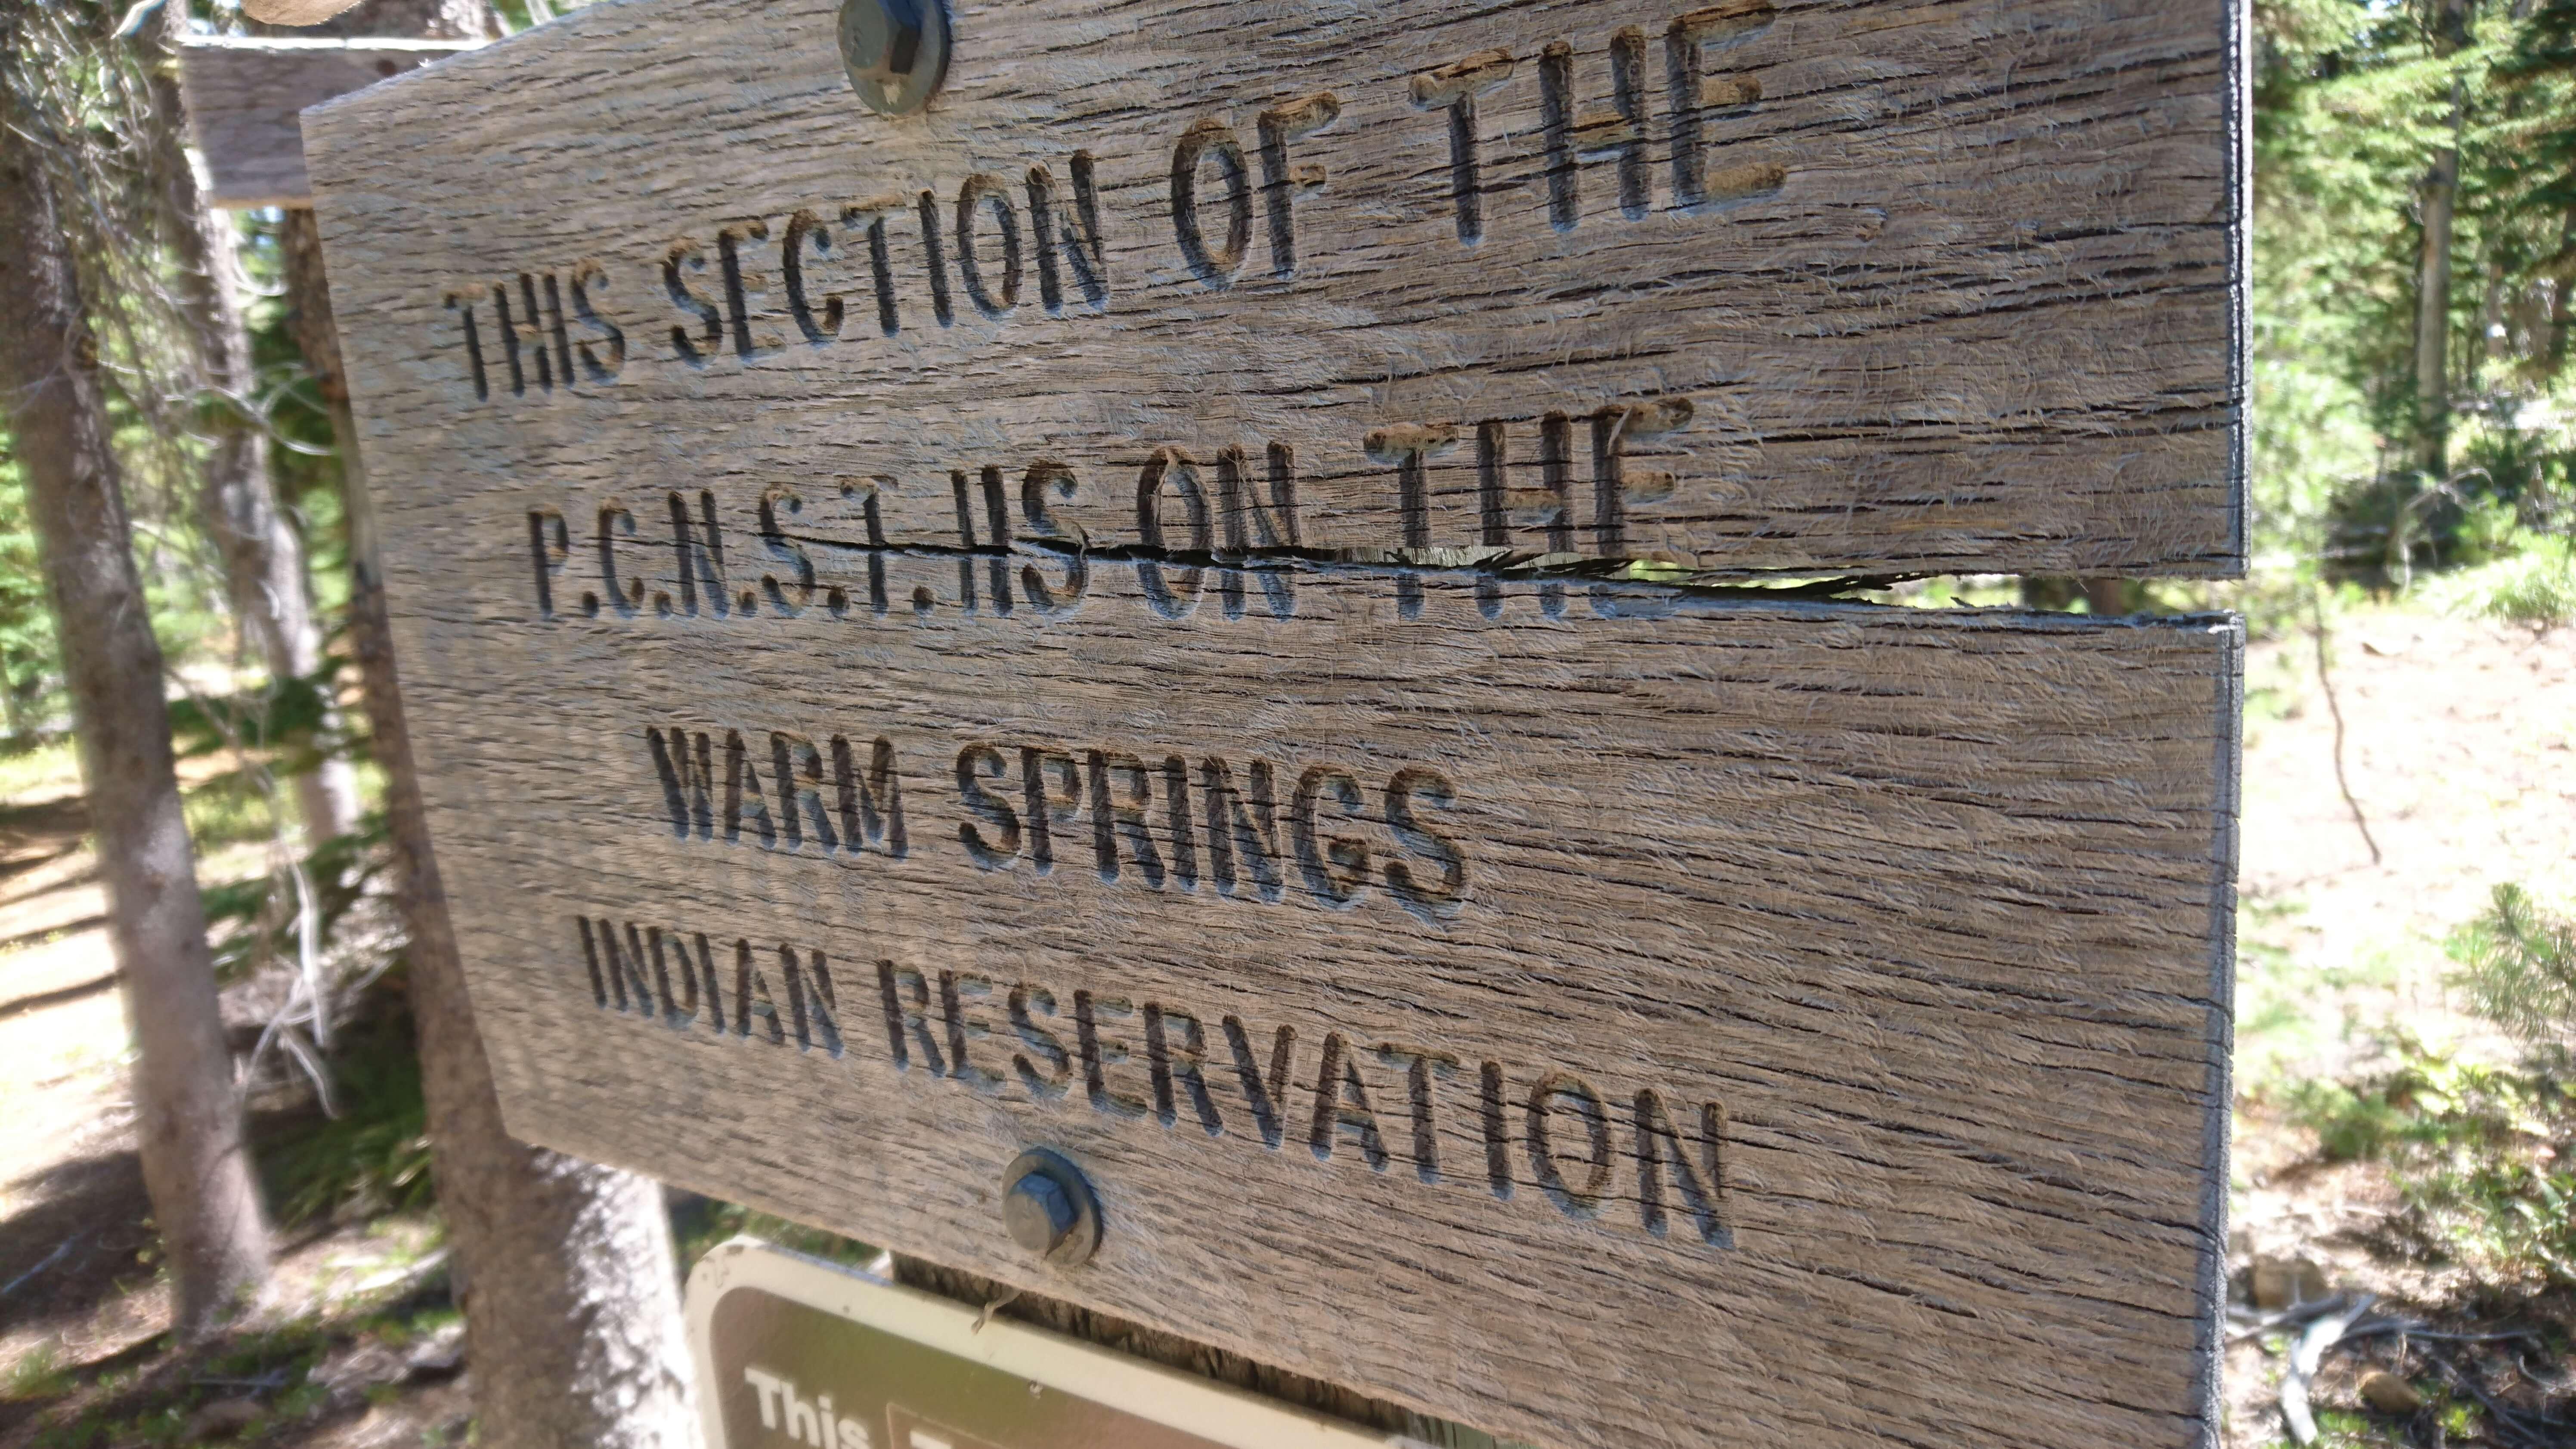 Entrée dans Warm Springs, une réserve indienne